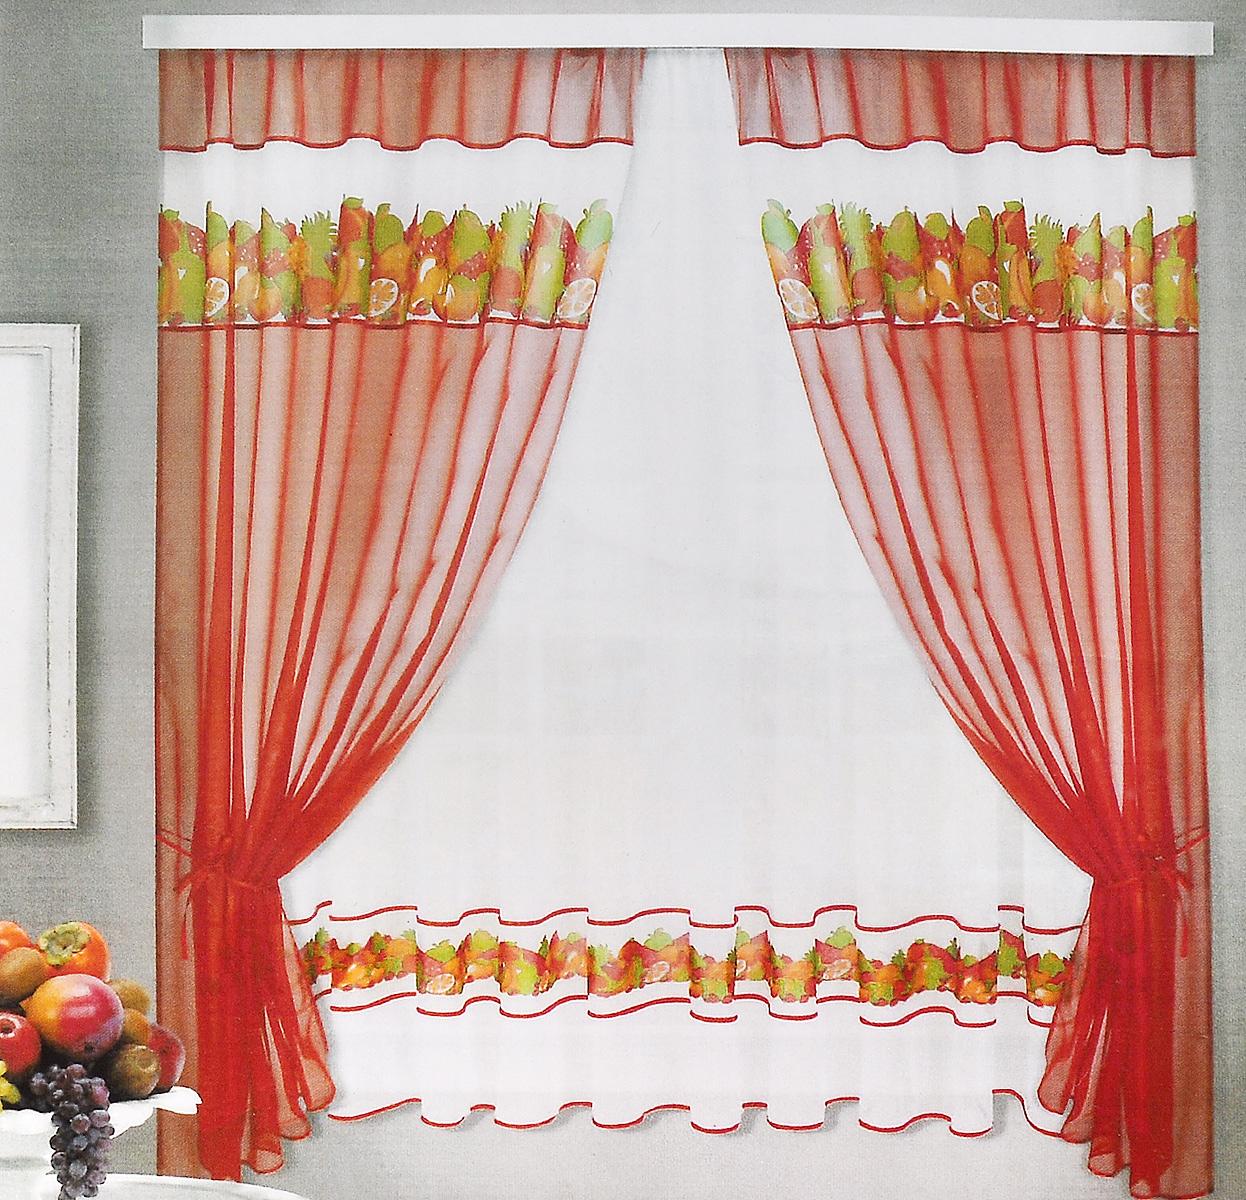 Комплект штор для кухни ТД Текстиль Фруктовая поляна, на ленте, цвет: оранжевый, белый, 5 предметовHP3571/1302/1H Кимберли бежевый, , 200*260 смКомплект штор для кухни ТД Текстиль Фруктовая поляна, выполненный из вуалевого полотна (100% полиэстер), великолепно украсит любое окно. Комплект состоит из тюля, двух штор и двух подхватов. Оригинальный дизайн и яркая цветовая гамма привлекут к себе внимание и органично впишутся в интерьер помещения.Комплект крепится на карниз при помощи ленты, которая поможет красиво и равномерно задрапировать верх. Комплект будет долгое время радовать вас и вашу семью!